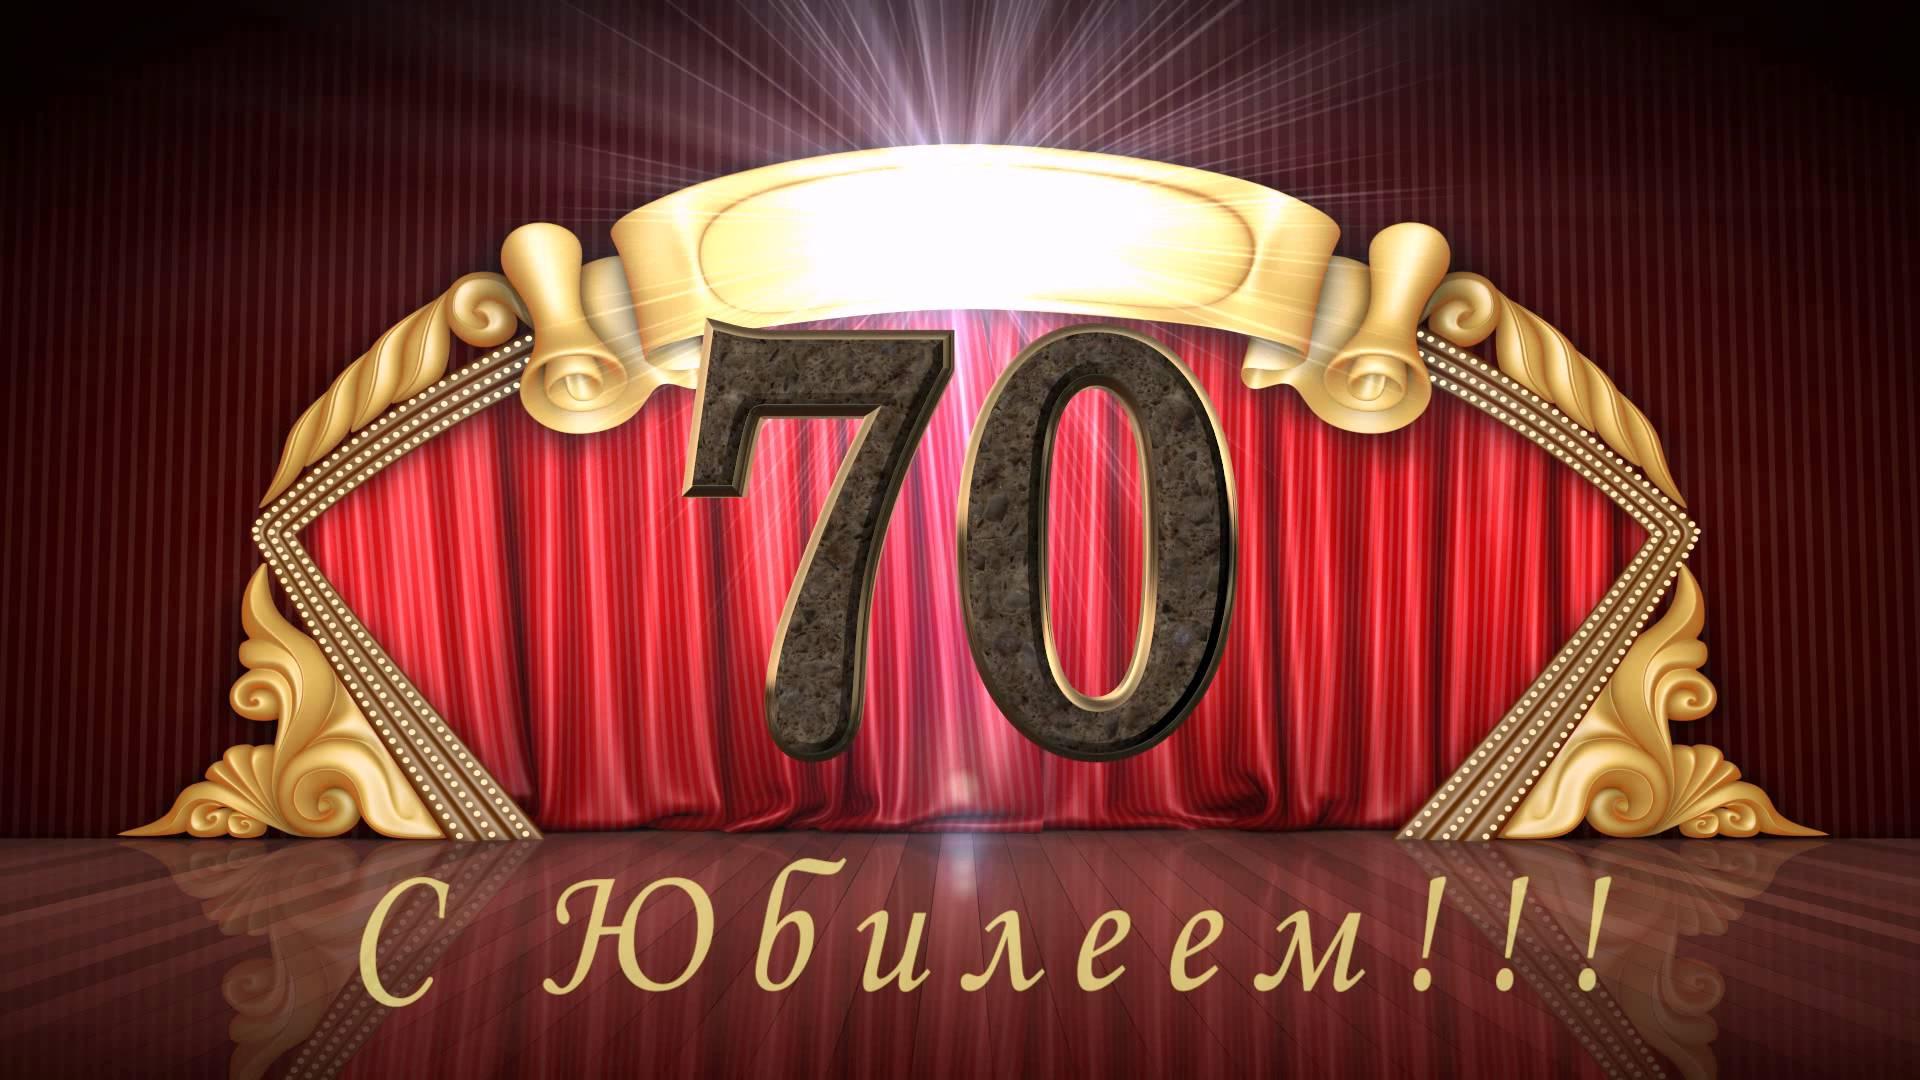 Поздравления с днем рождения.юбилей 70 лет